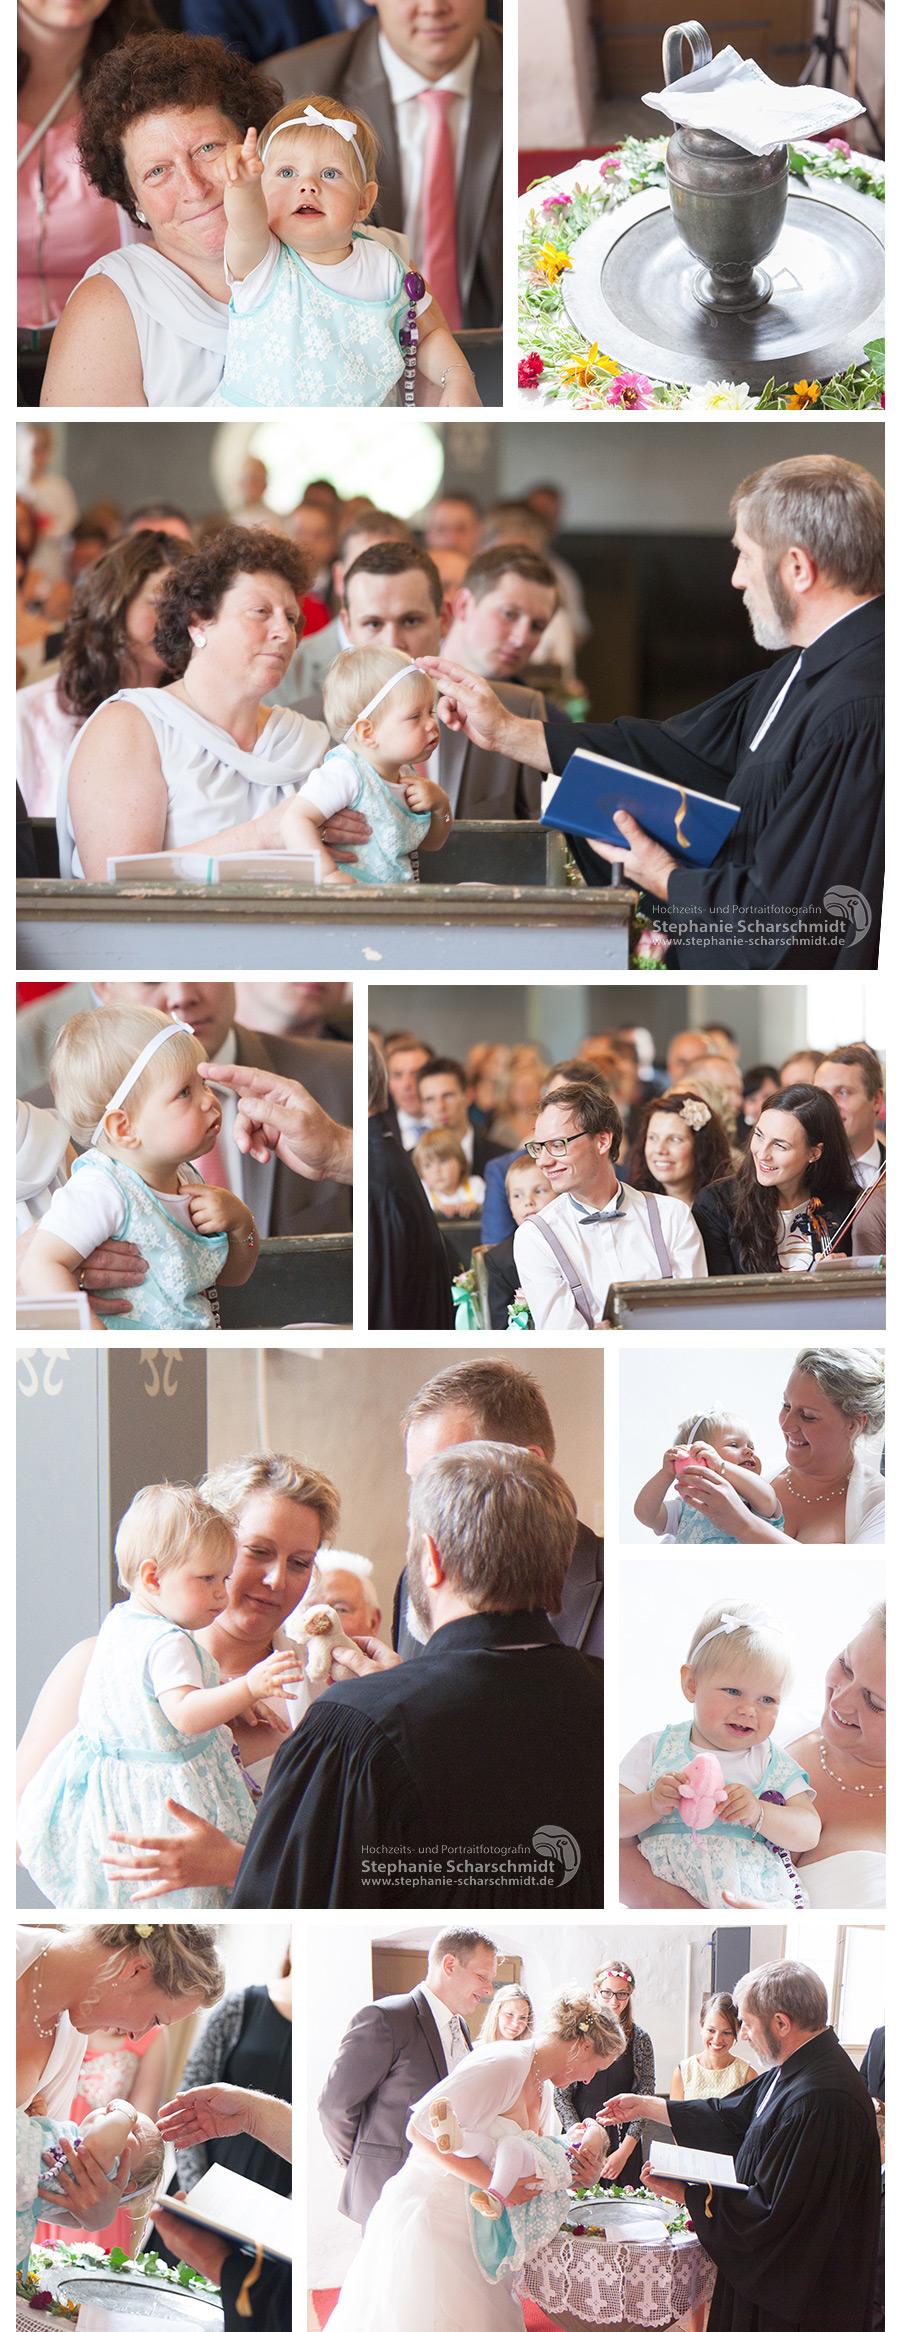 Taufe in der Kiche Zschocken bei Hartenstein - Hochzeitsfotos- Hochzeitsfotograf Zwickau Stephanie Scharschmidt